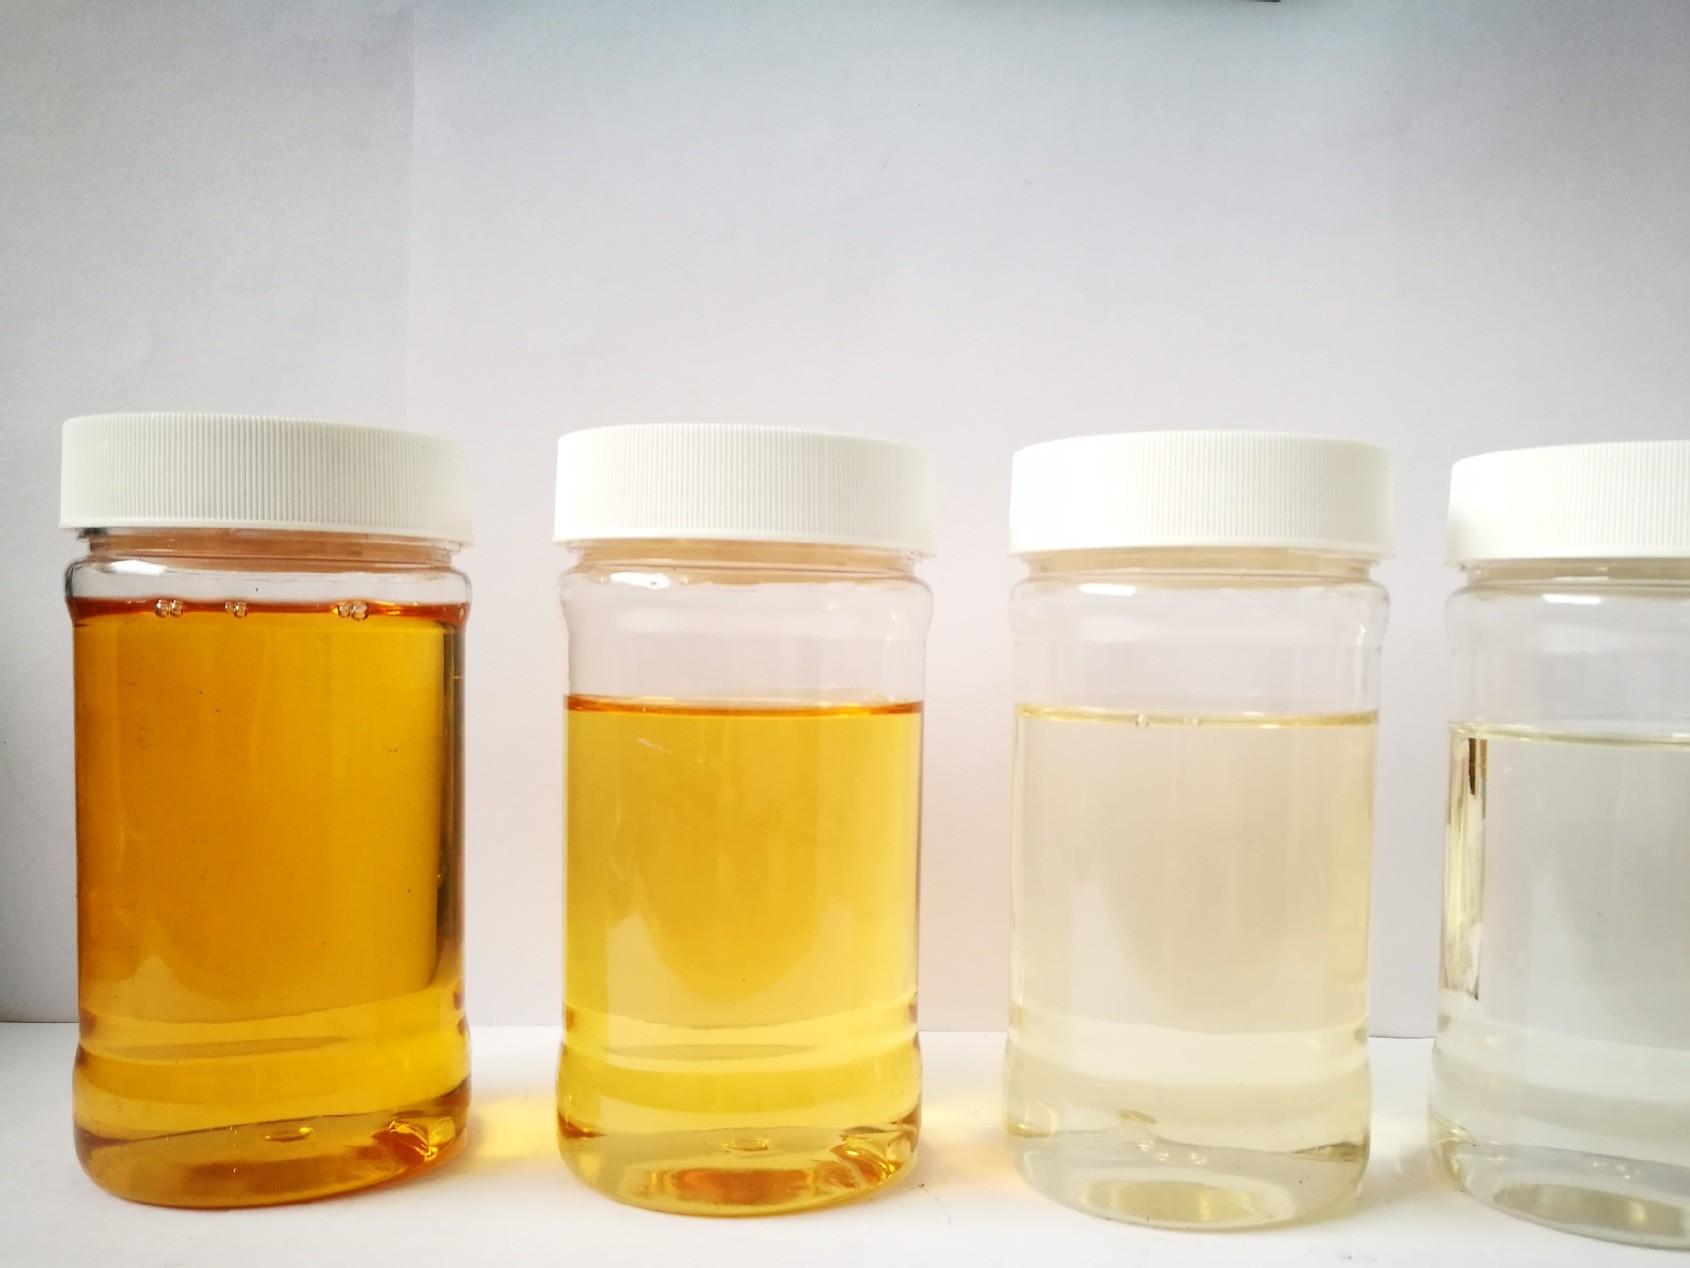 河北石蜡油厂家、 石蜡油特点  橡胶填充油、白油 河北石蜡油特点 河北石蜡油批发 石蜡油特点